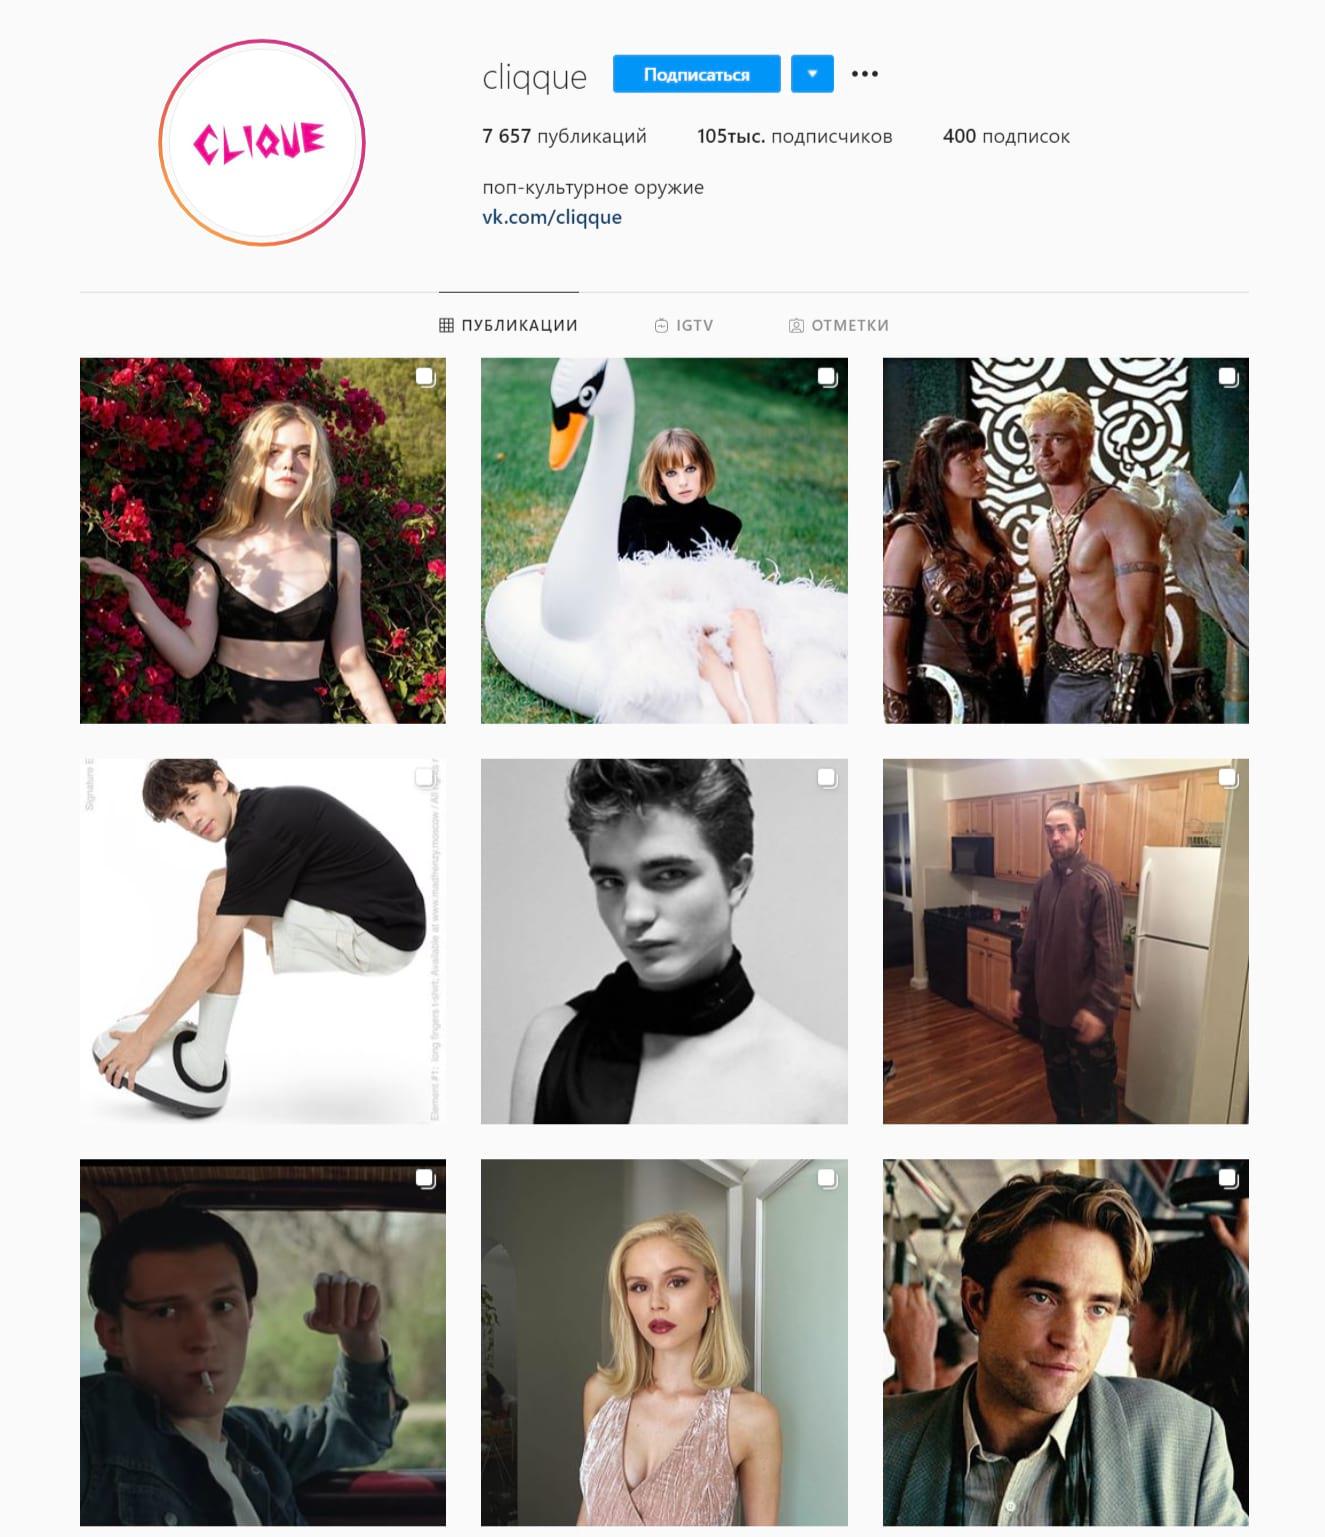 CLIQUE публикует посты про поп-культуру 24 часа в сутки